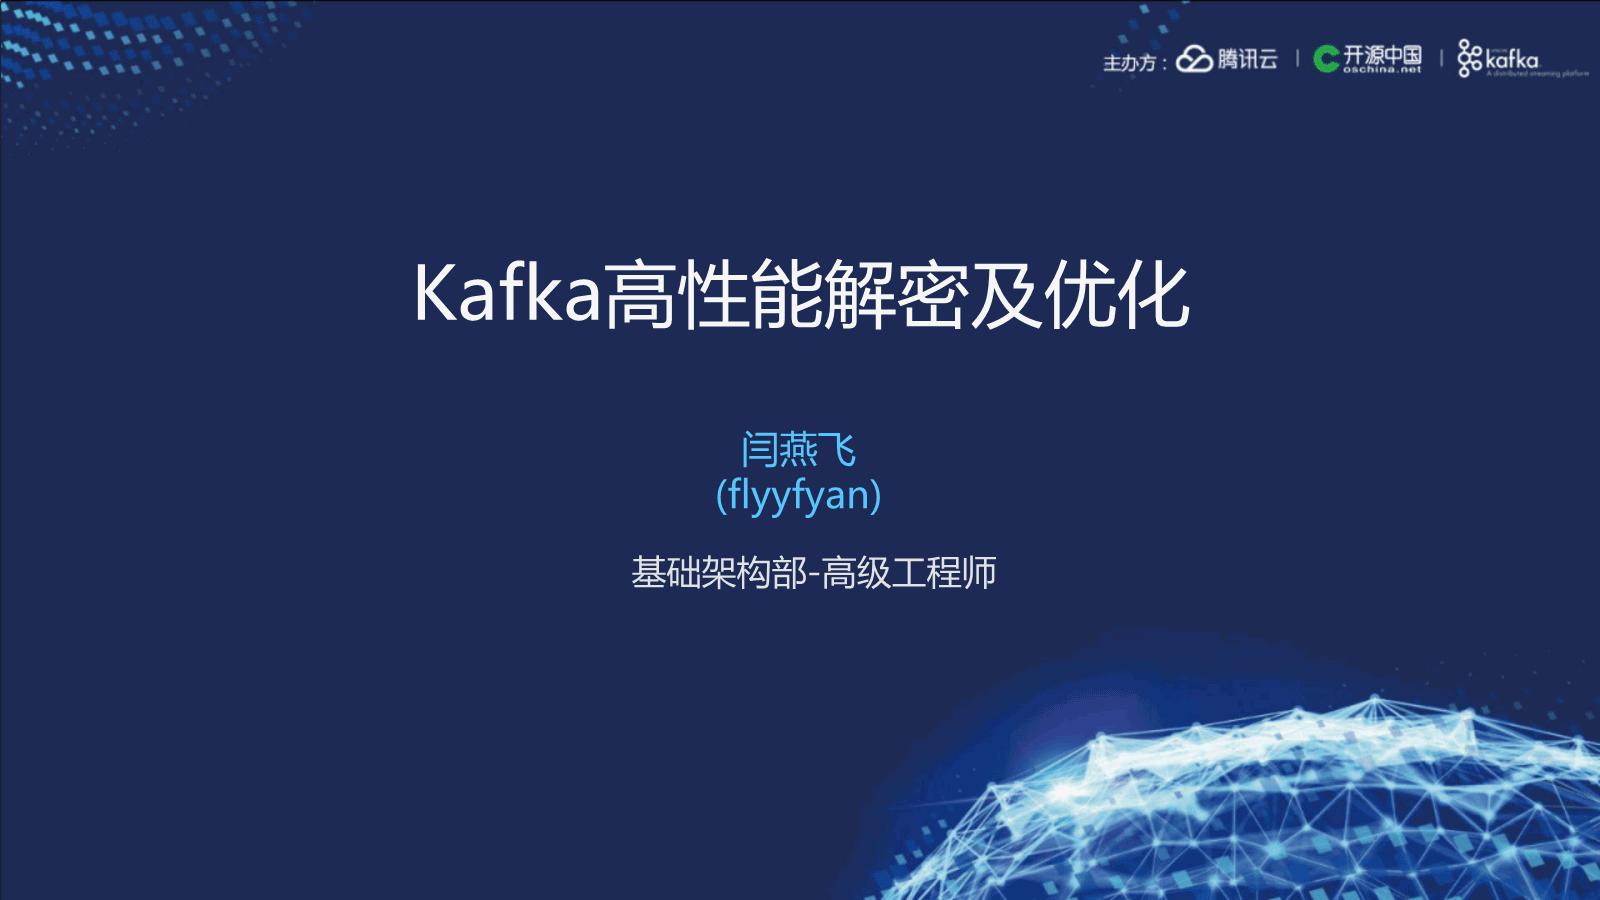 闫燕飞-kafka高性能揭秘及优化